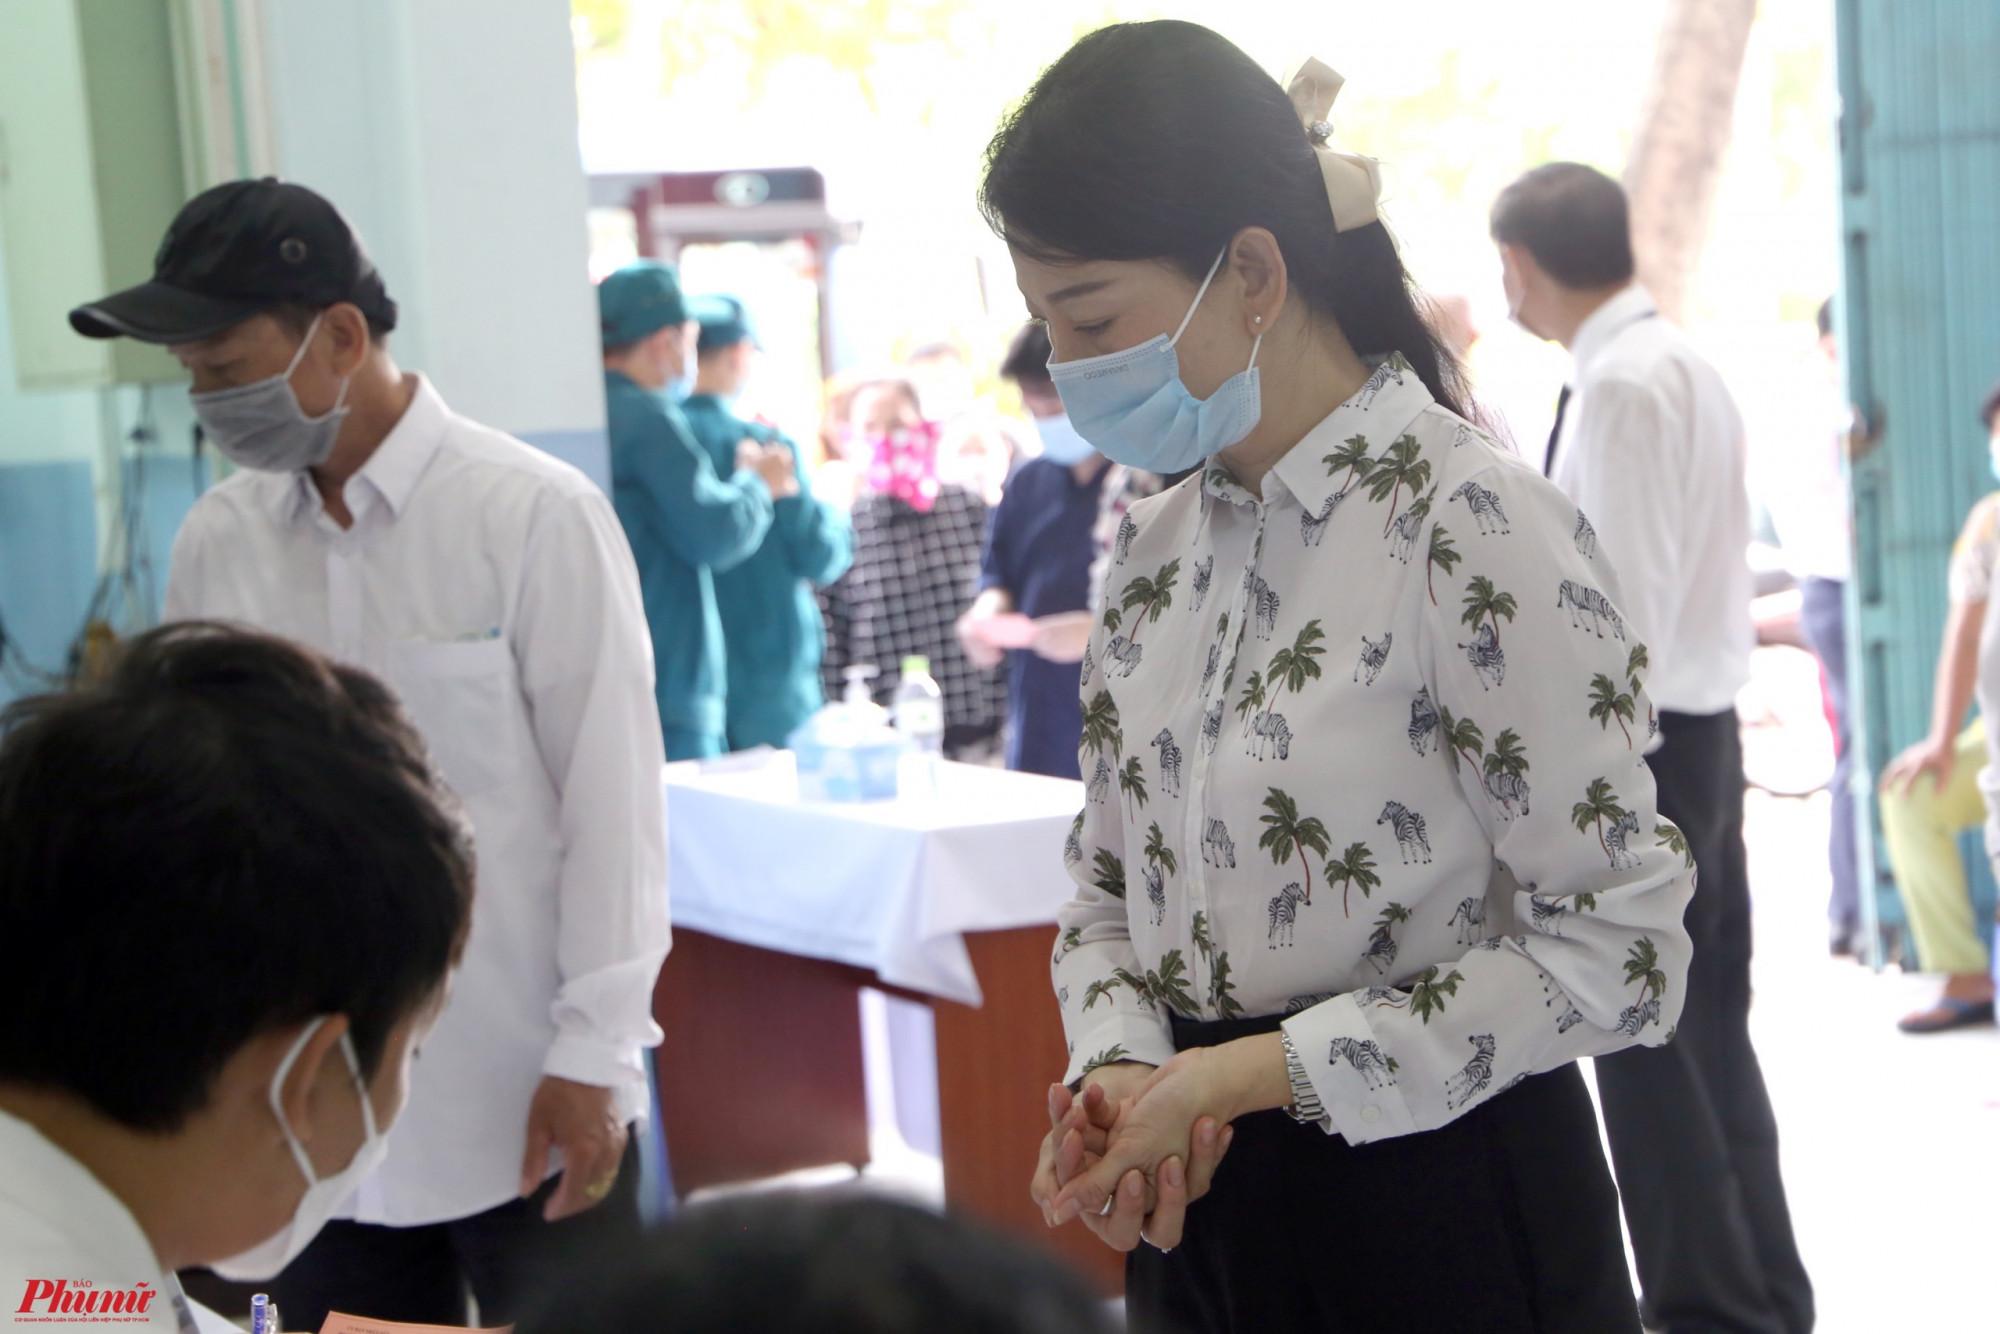 Mỹ Uyên thực hiện các thao tác khai báo y tế, đo thân nhiệt và được kiểm tra lại thông tin trước khi bỏ phiếu.